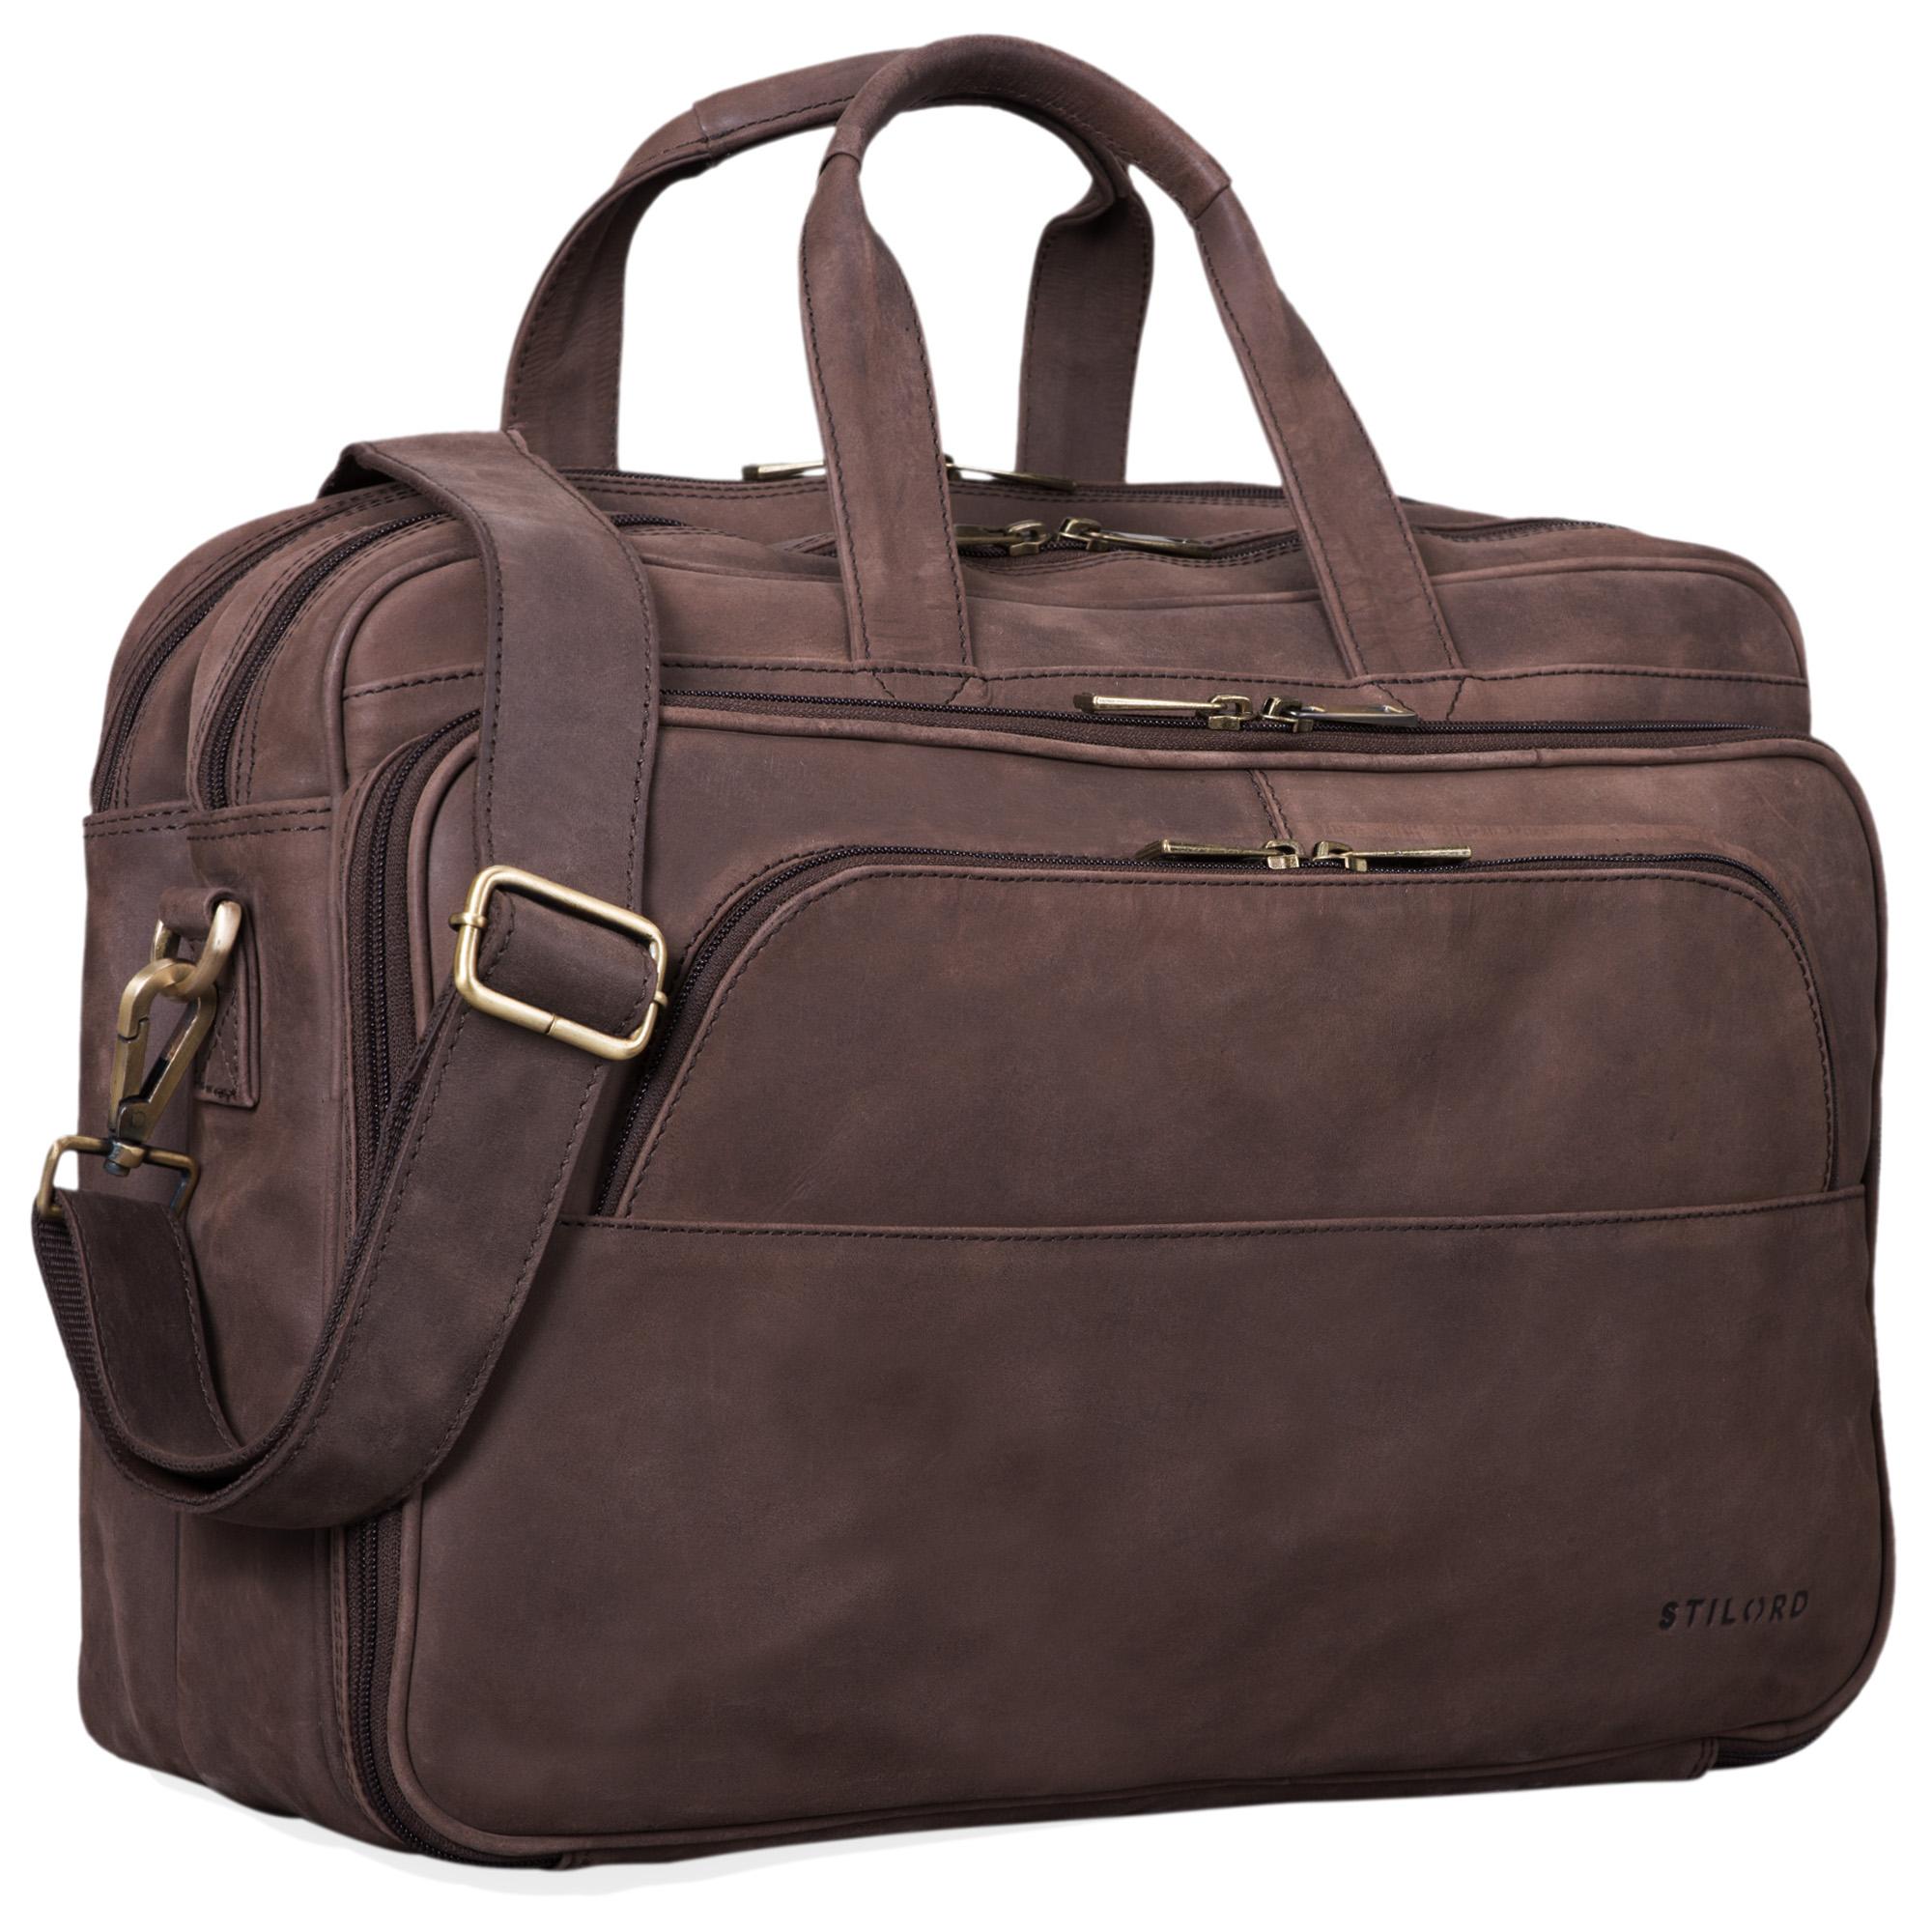 """STILORD """"Artemis"""" Vintage Lehrertasche Leder Aktentasche Herren Damen Businesstasche groß für zwei Aktenordner 15,6 Laptoptasche Echtleder - Bild 10"""